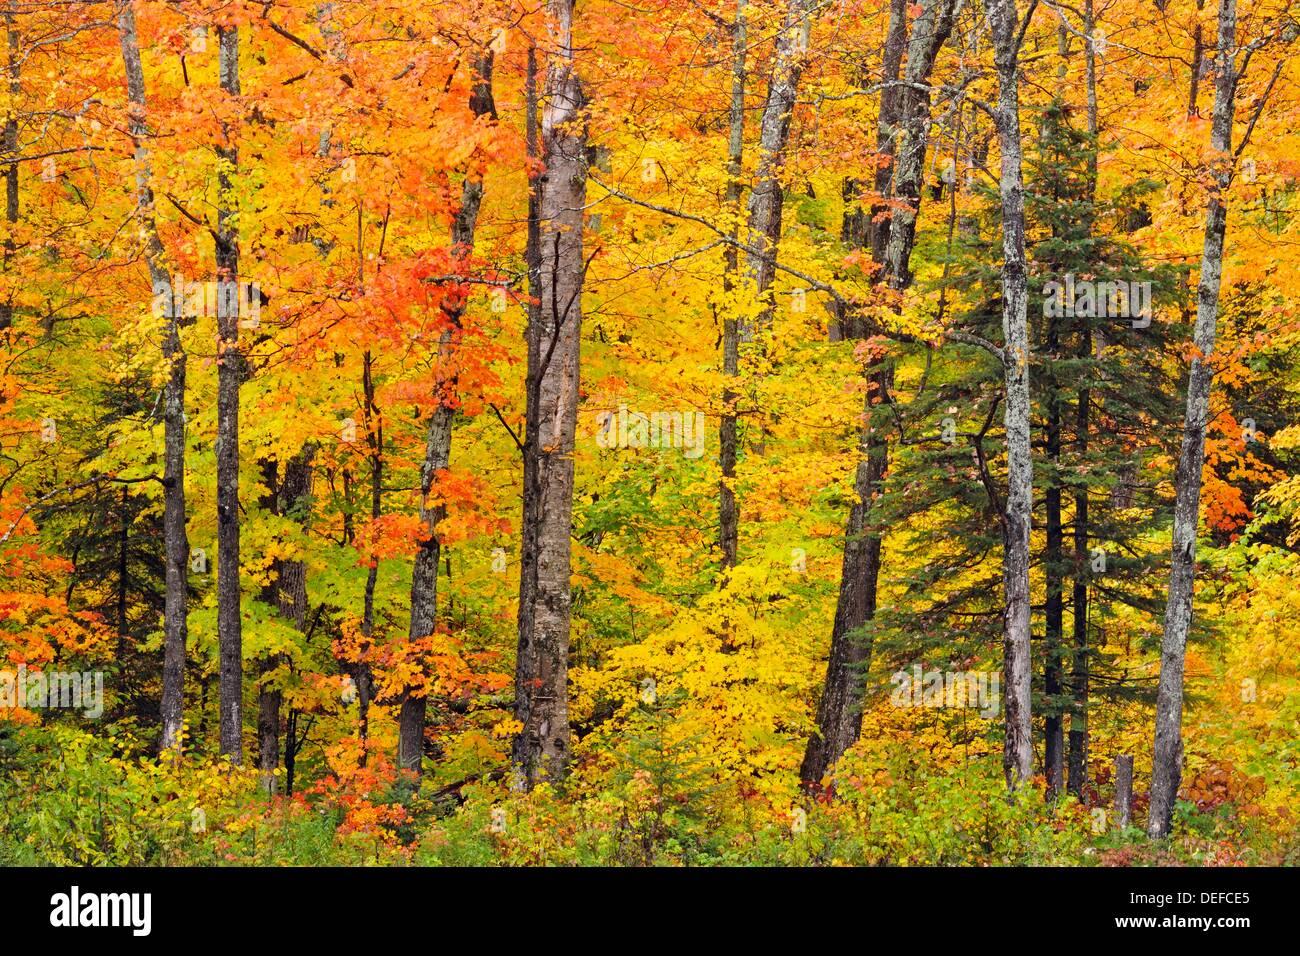 Temperate Deciduous Forest Trees In Peak Autumn Colour